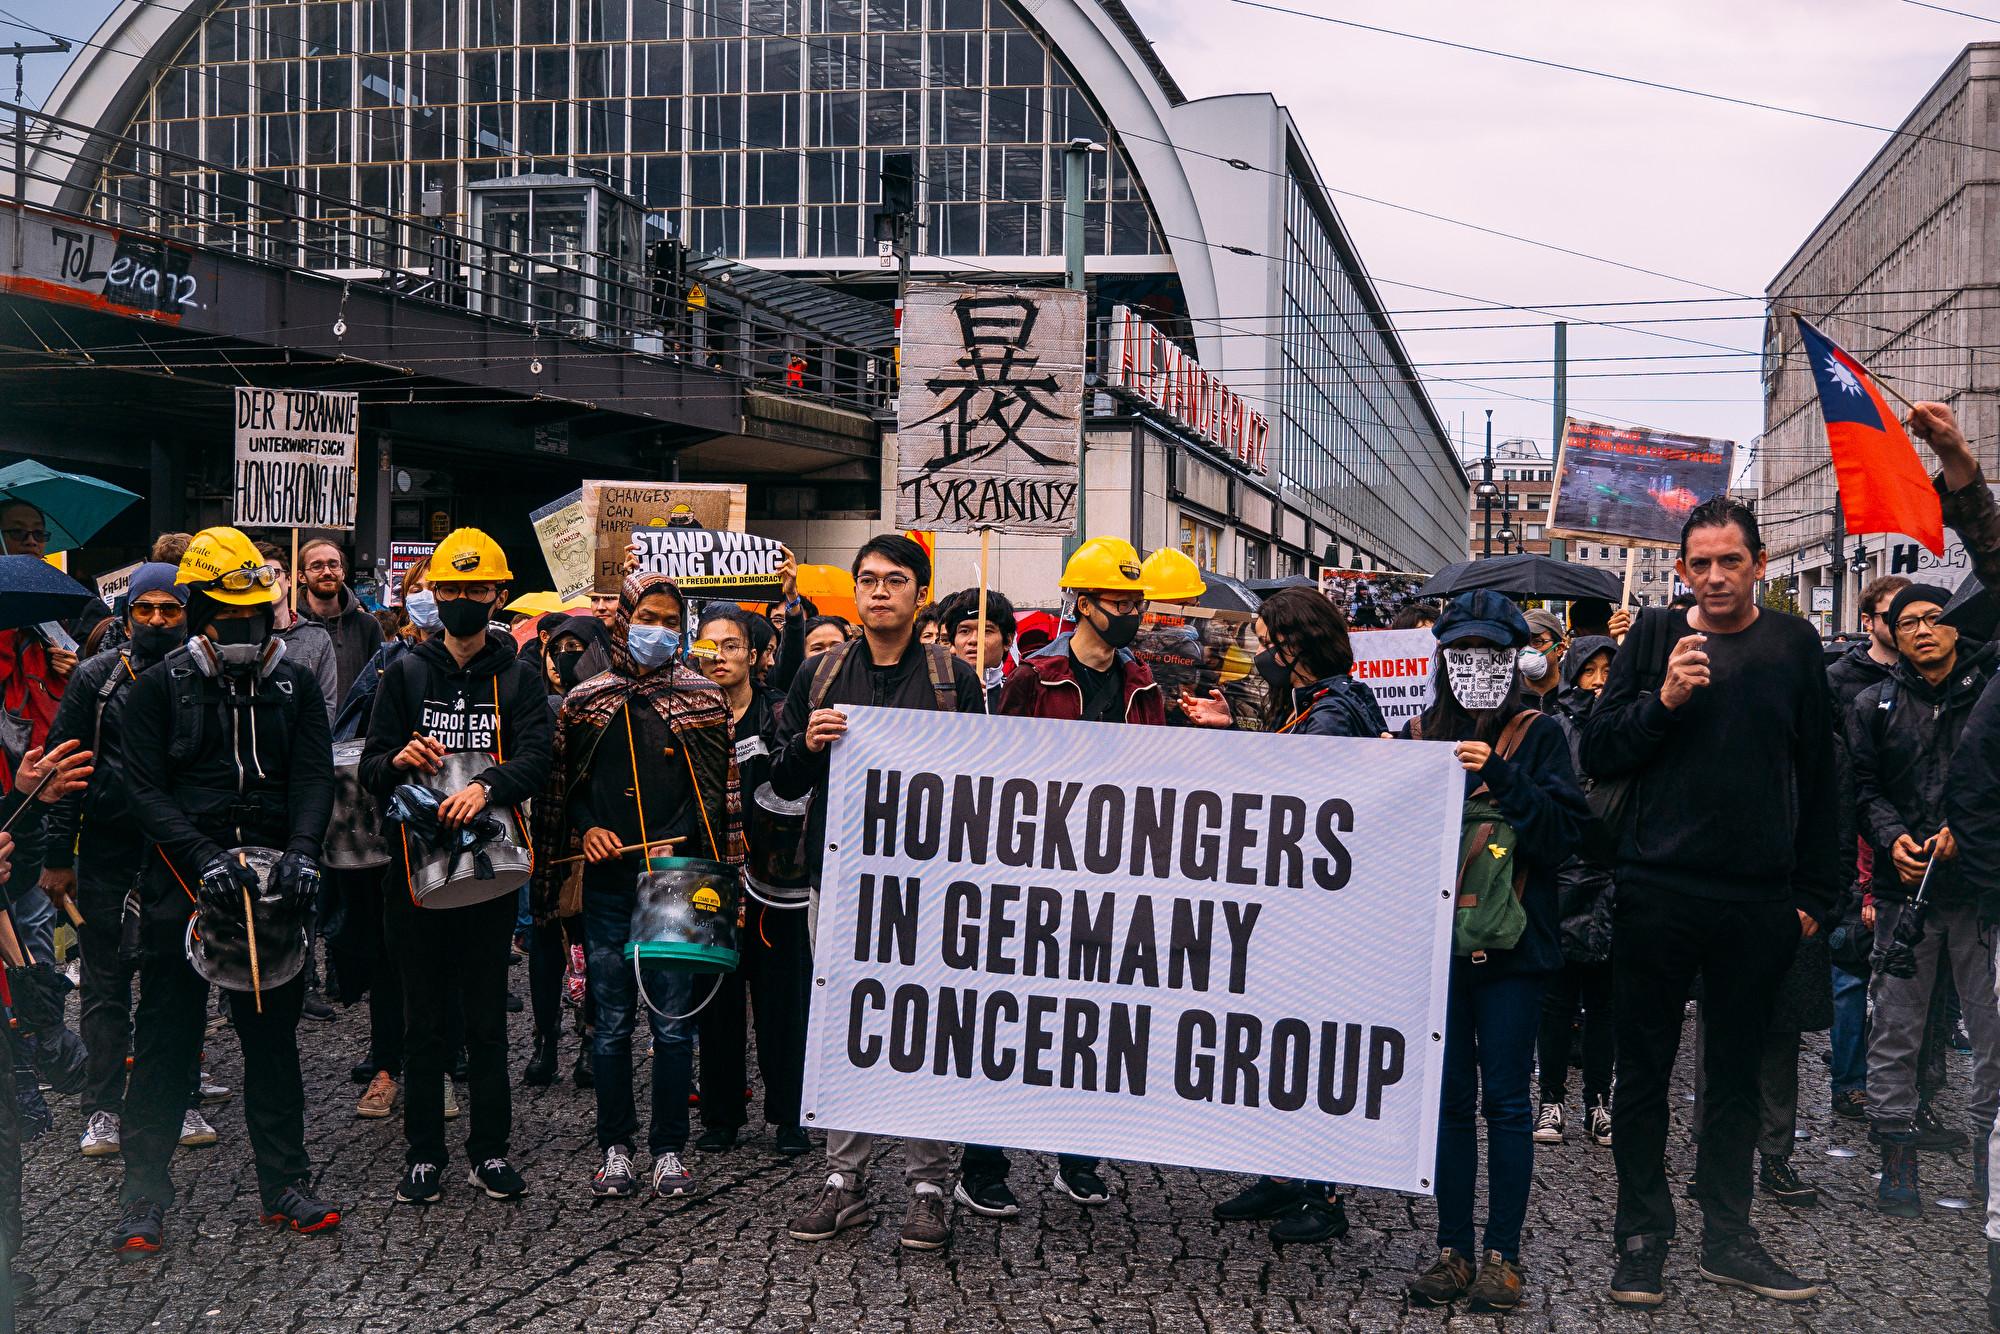 柏林牆倒塌30年 德國人挺香港反中共